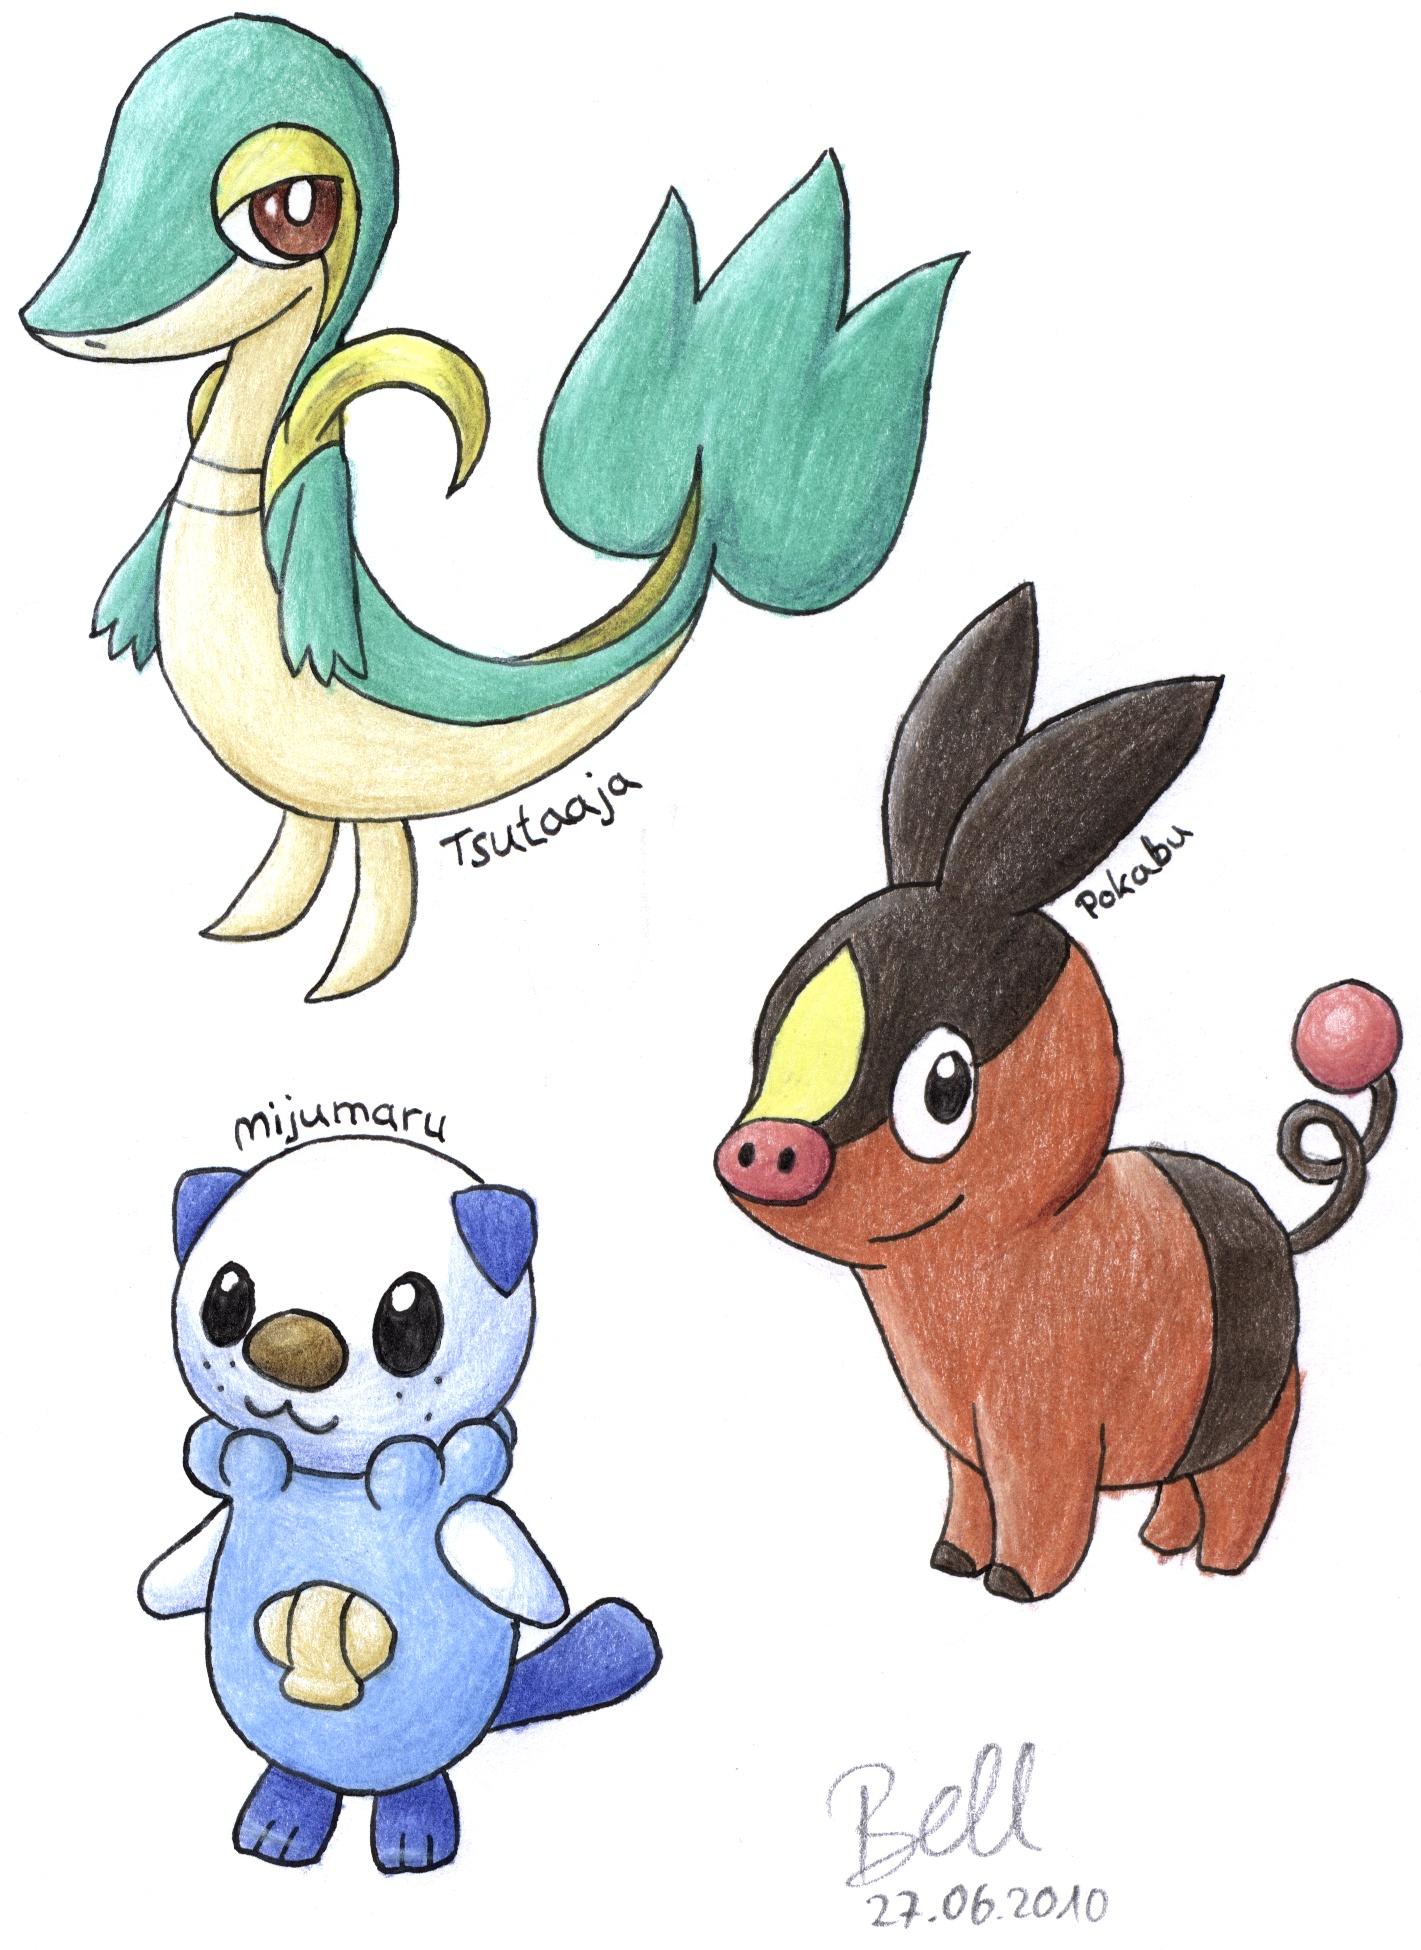 Pokémon-Zeichnung: Tsutaaja, Pokabu & Mijumaru